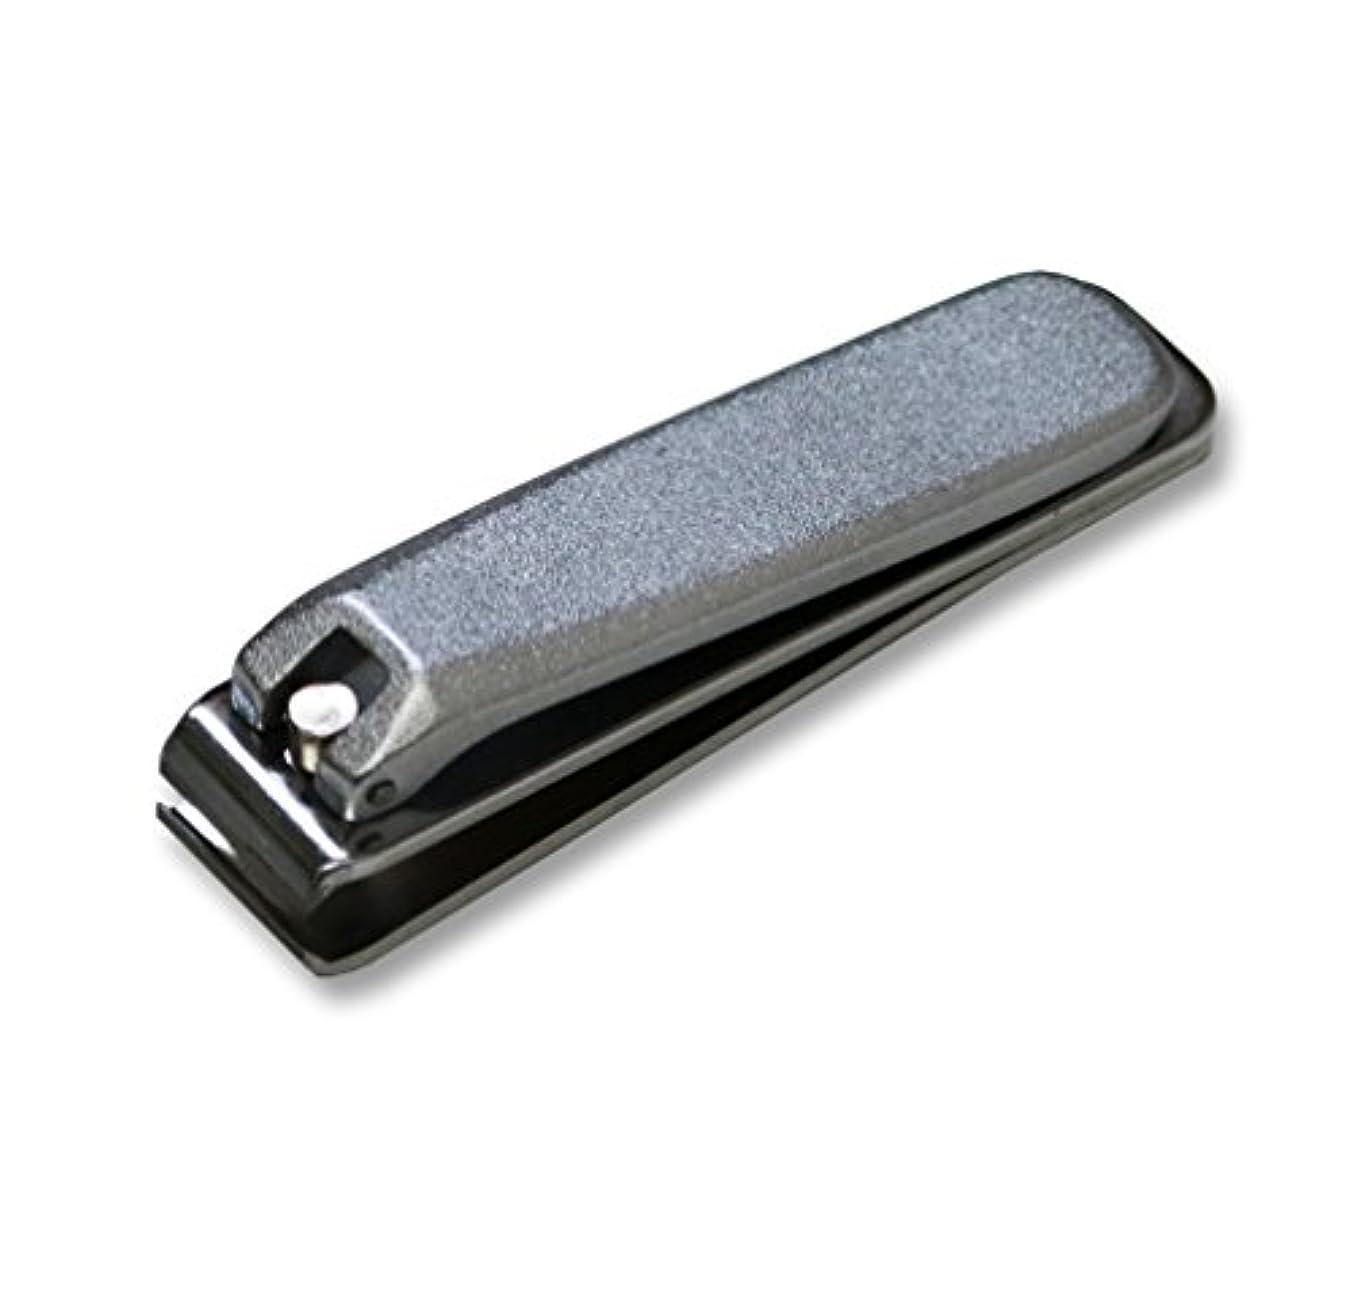 無駄だスリップシューズ先見の明KD-033 関の刃物 クローム爪切 直刃 大 カバー無